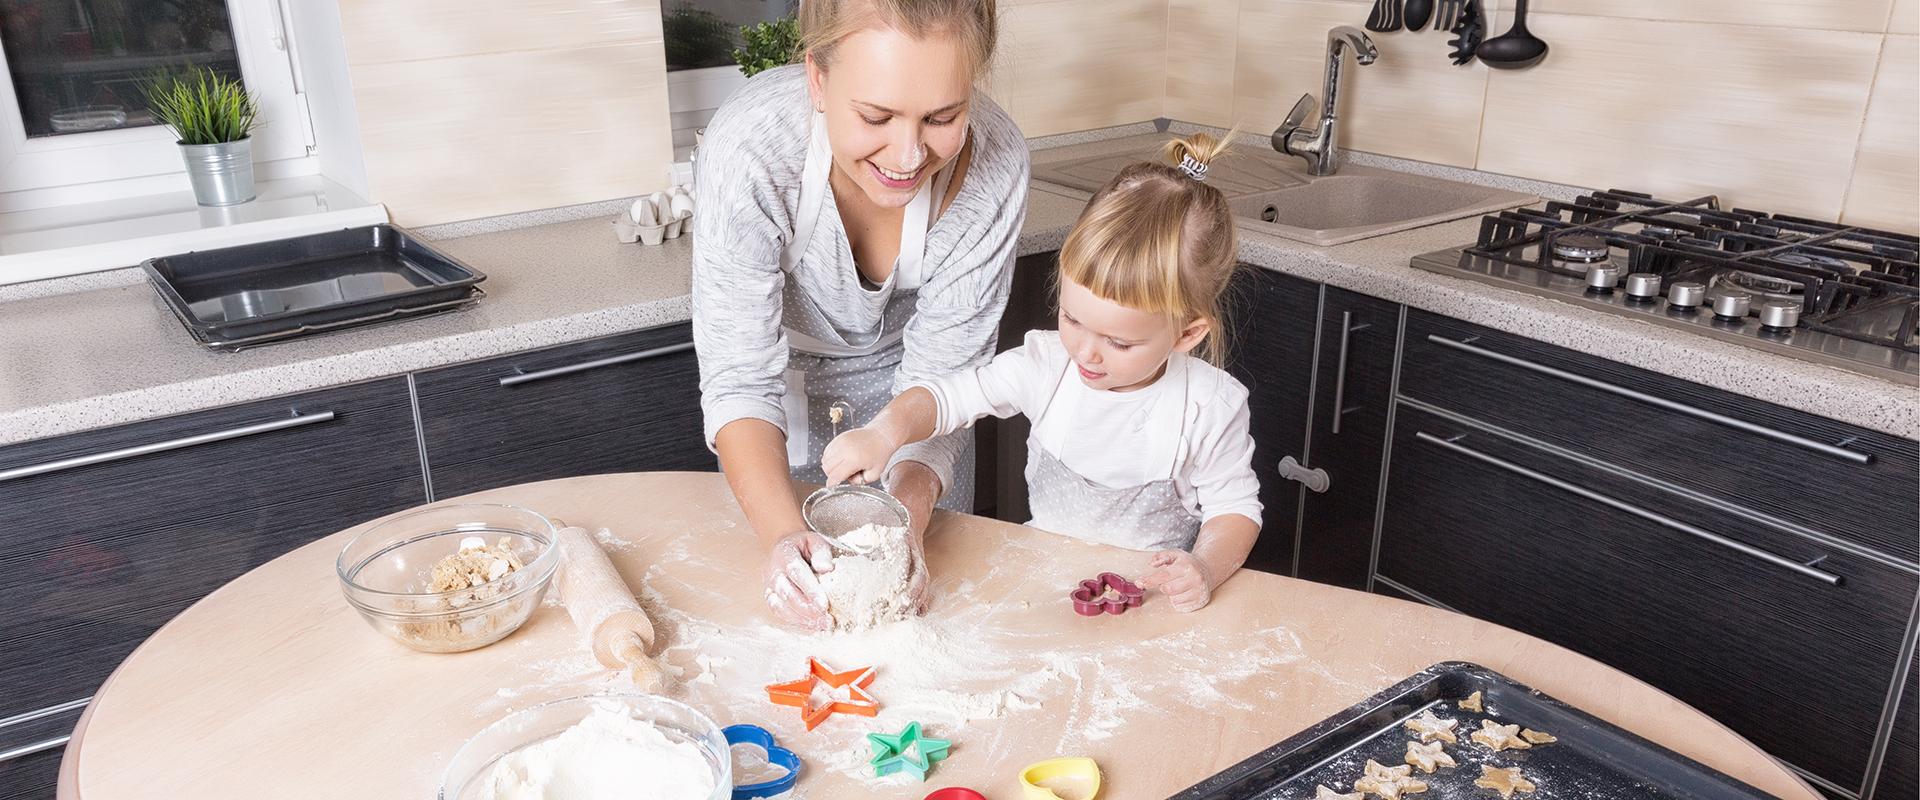 Food & Baking